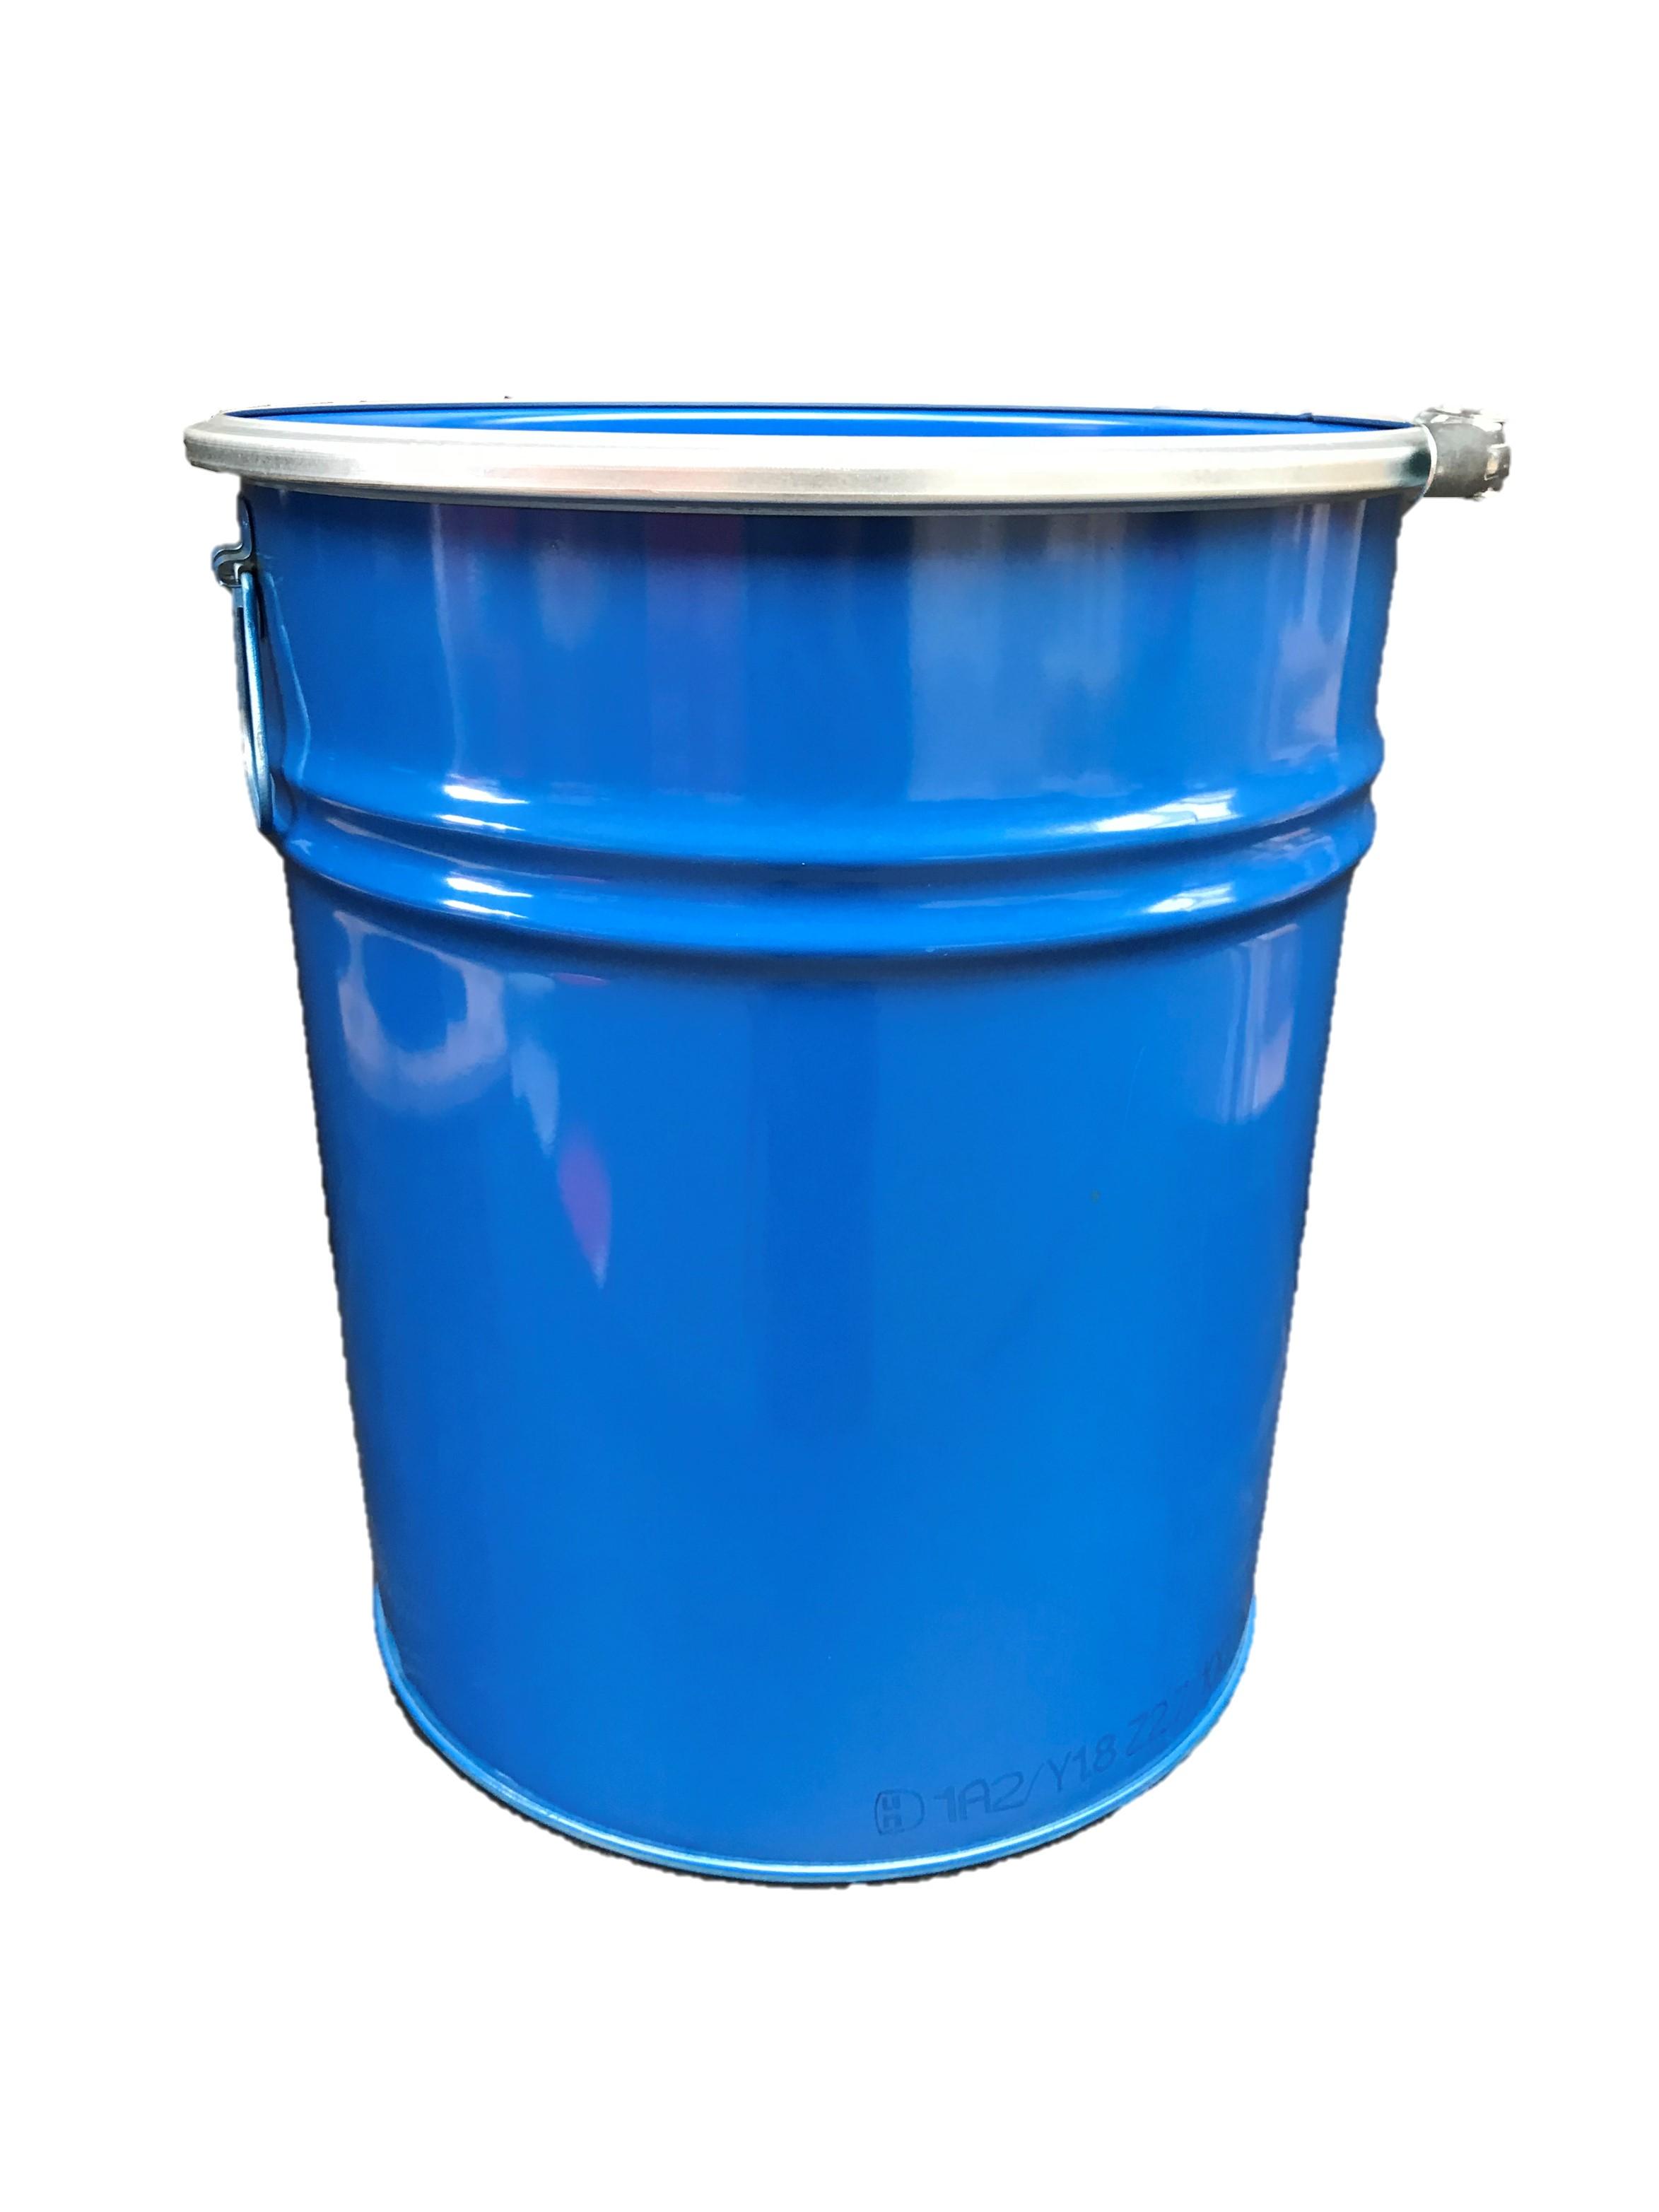 30 Liter Hobbock / Deckelfass Stahlfass Fass Mülleimer Eimer NEU Blau